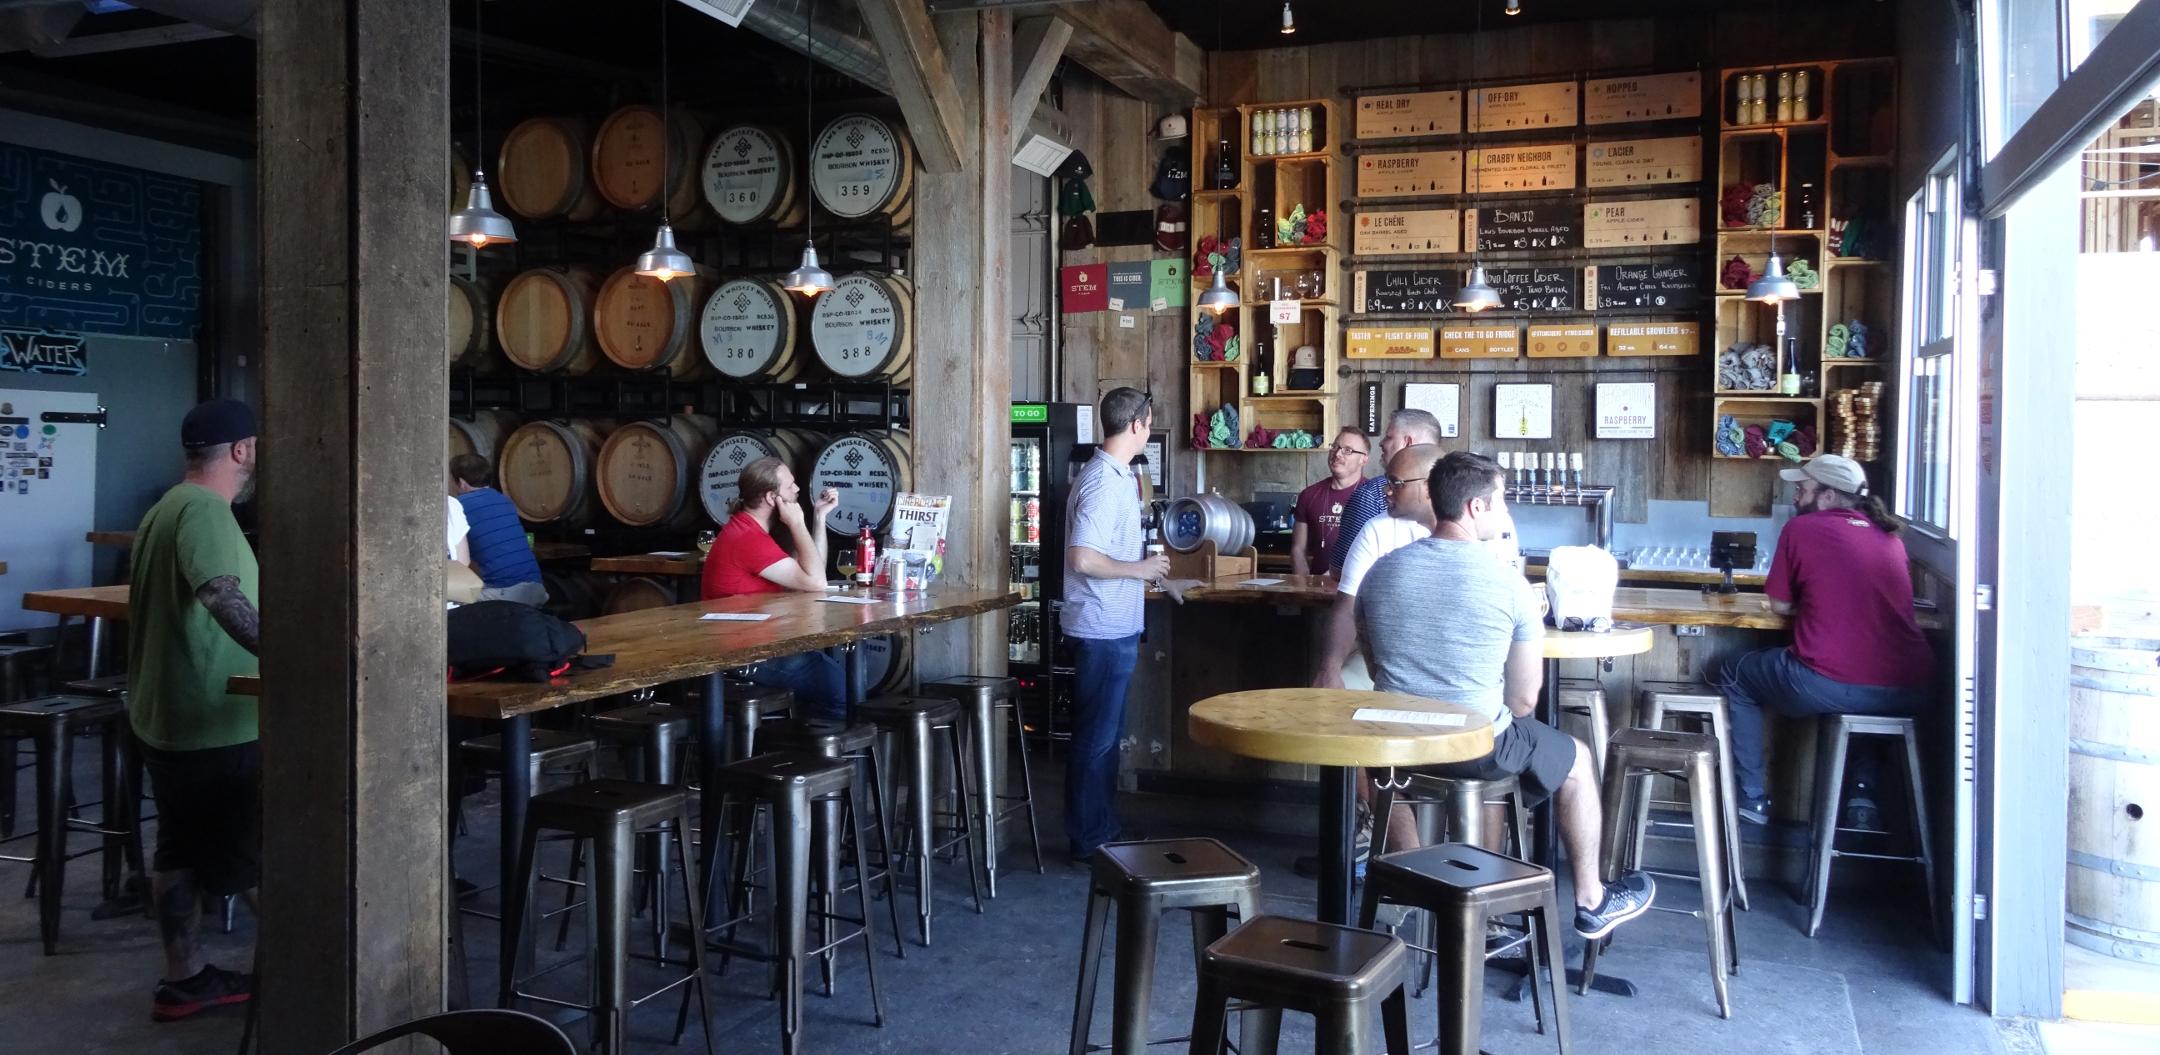 Stem Cider Tap Room - Denver, CO